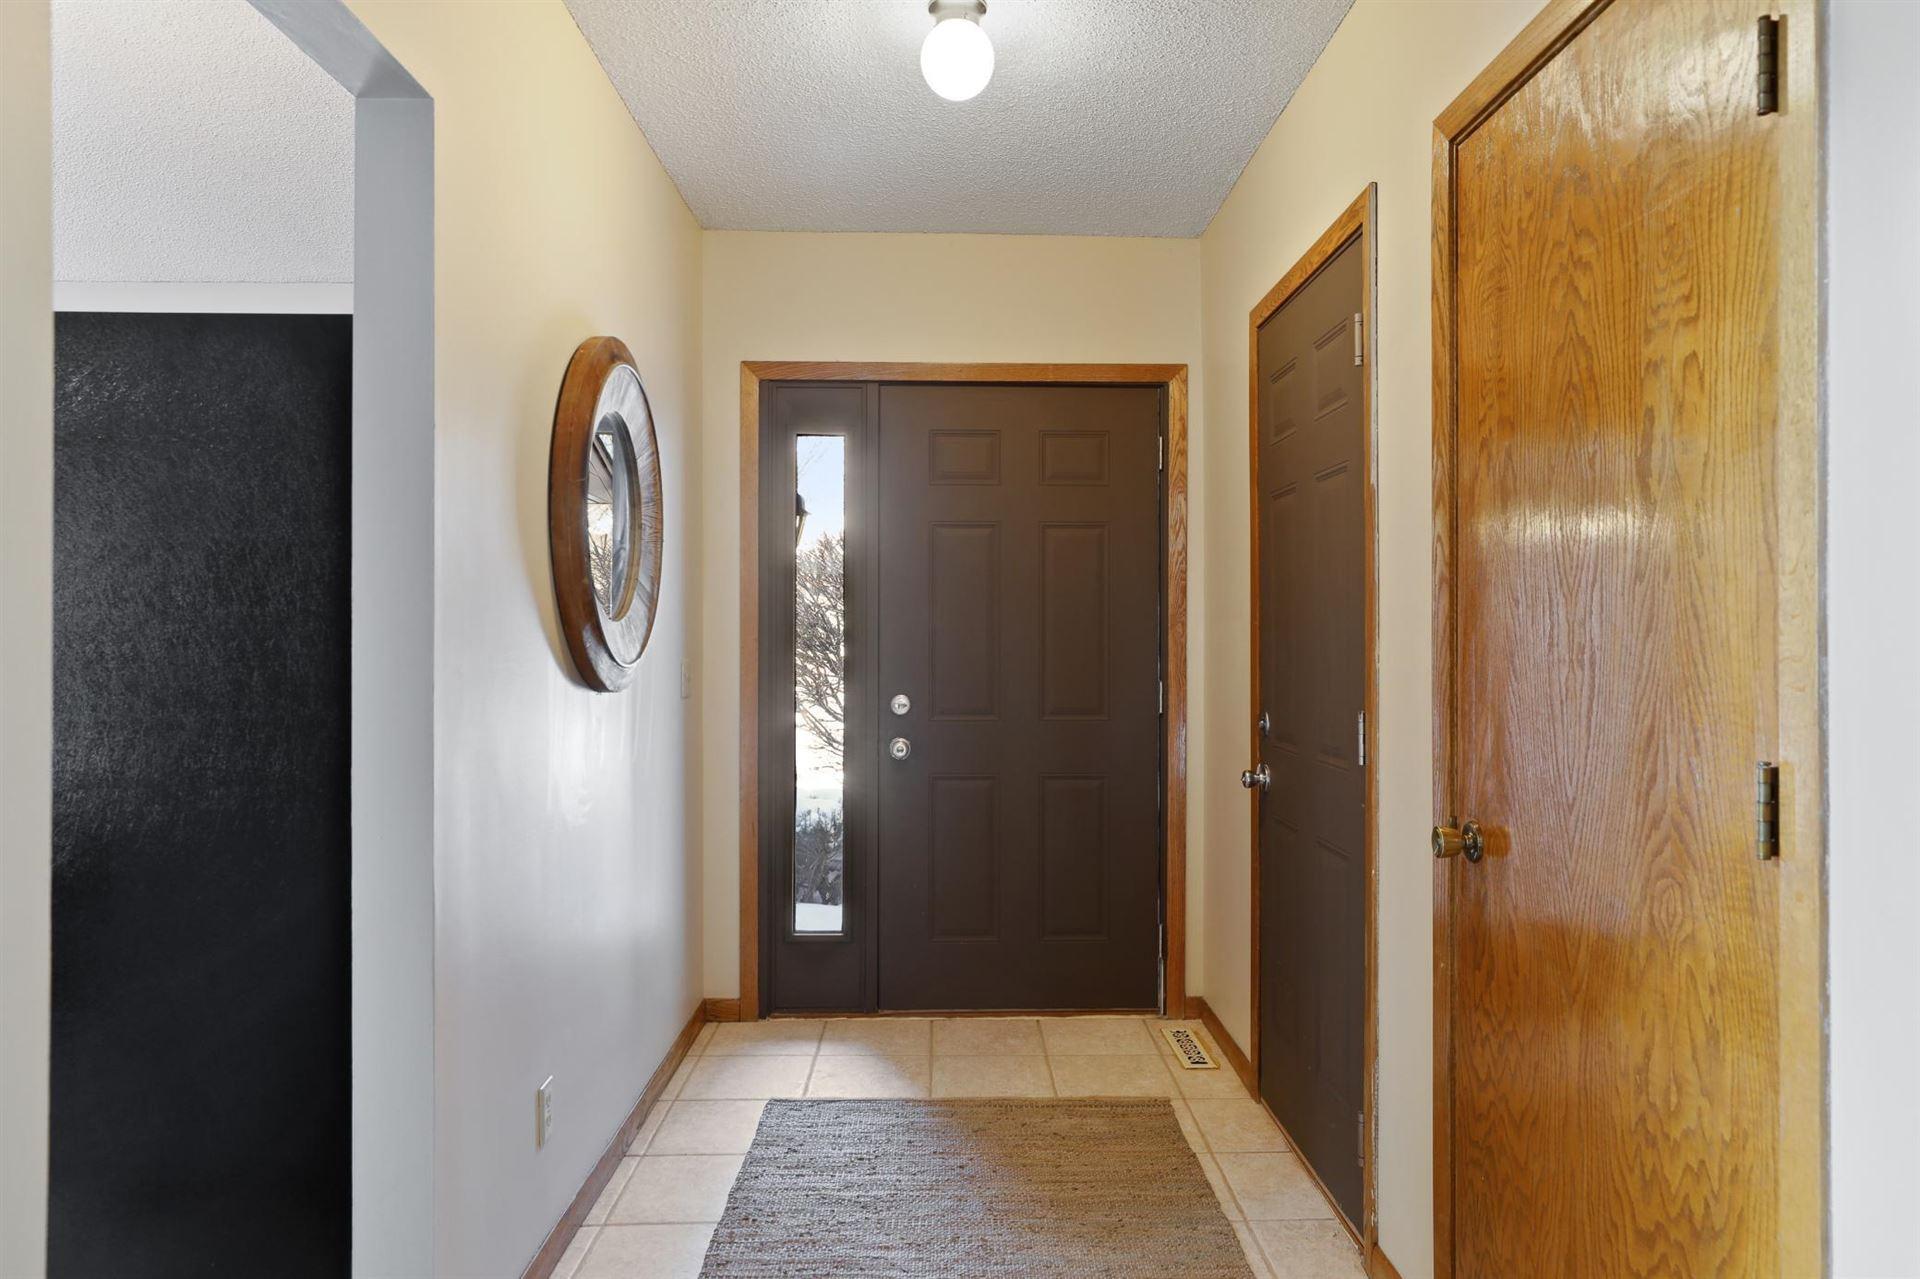 Photo of 1305 Rushmore Crescent, Burnsville, MN 55306 (MLS # 5716163)